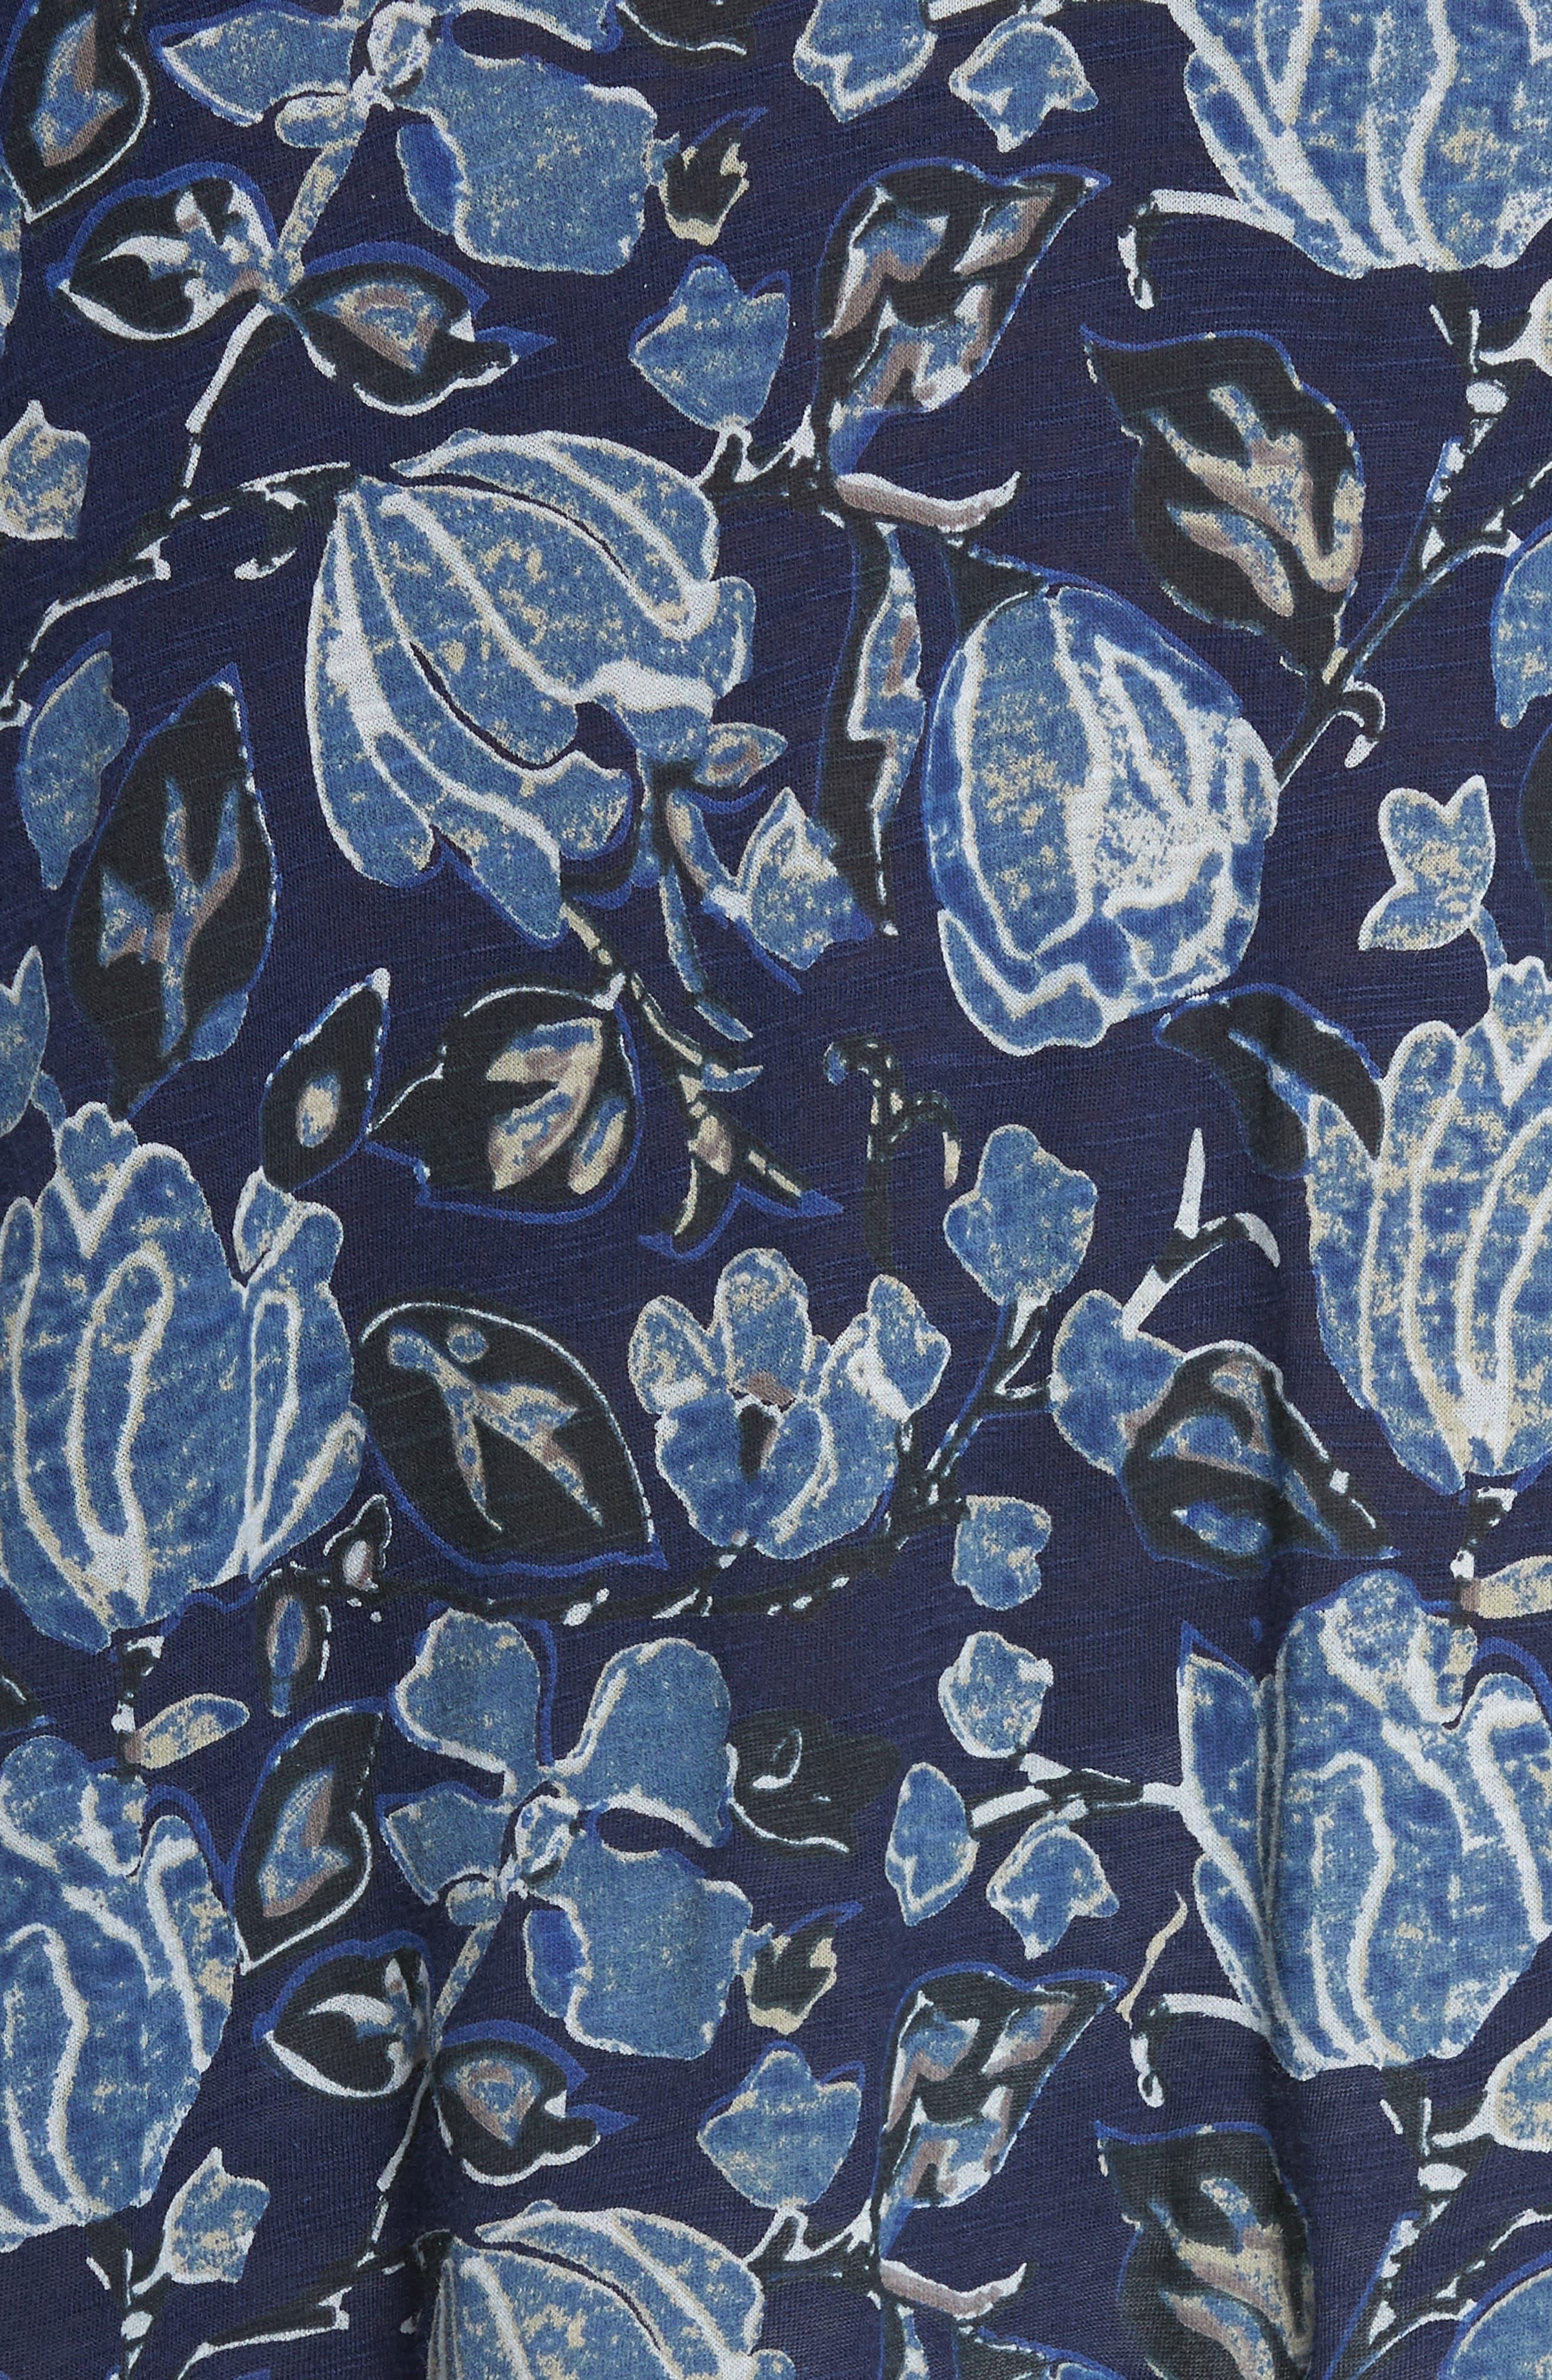 Floral Back Cutout Top,                             Alternate thumbnail 6, color,                             400